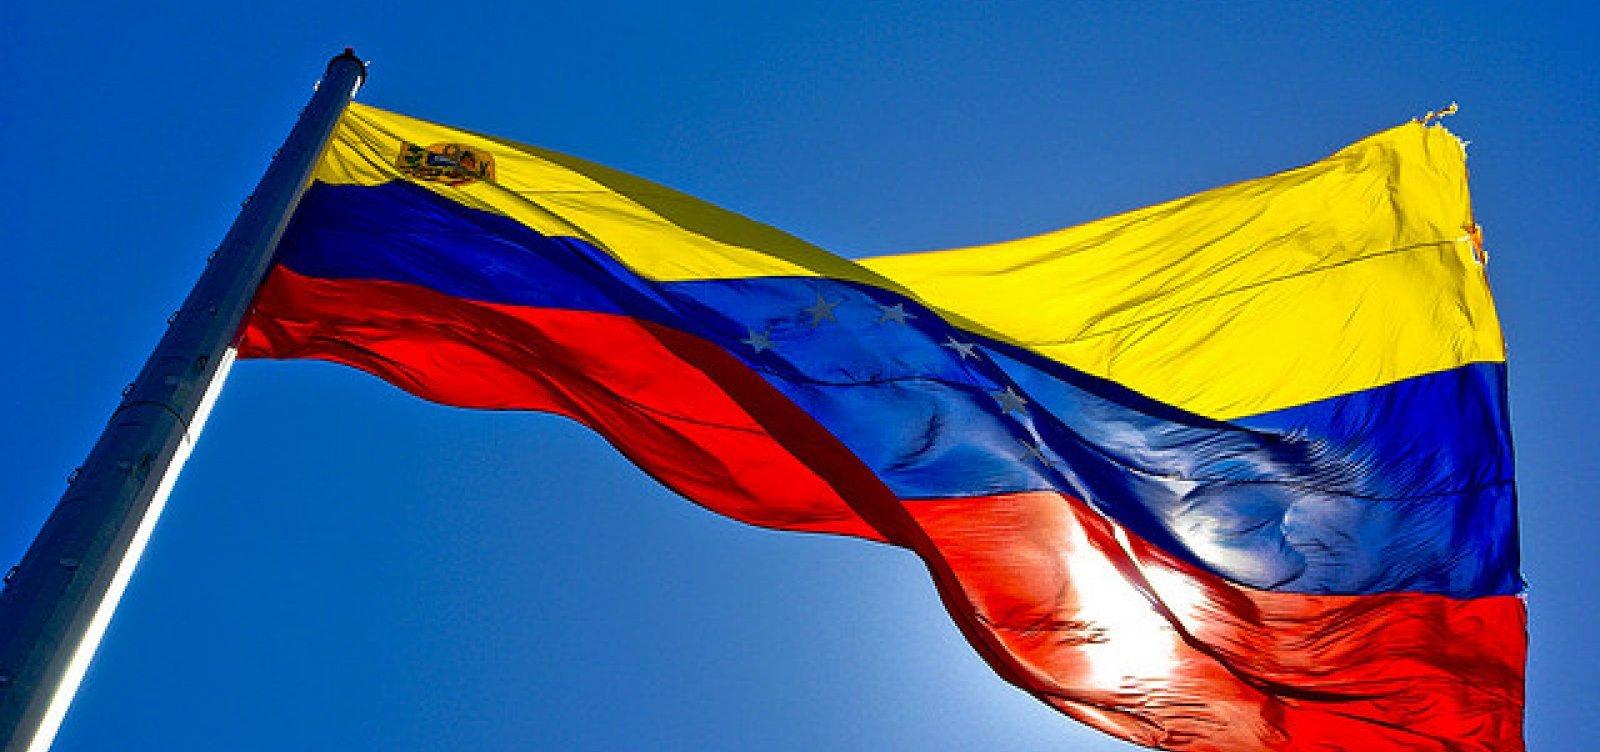 Venezuela expulsa embaixadora da UE e dá 72 horas para ela deixar o país